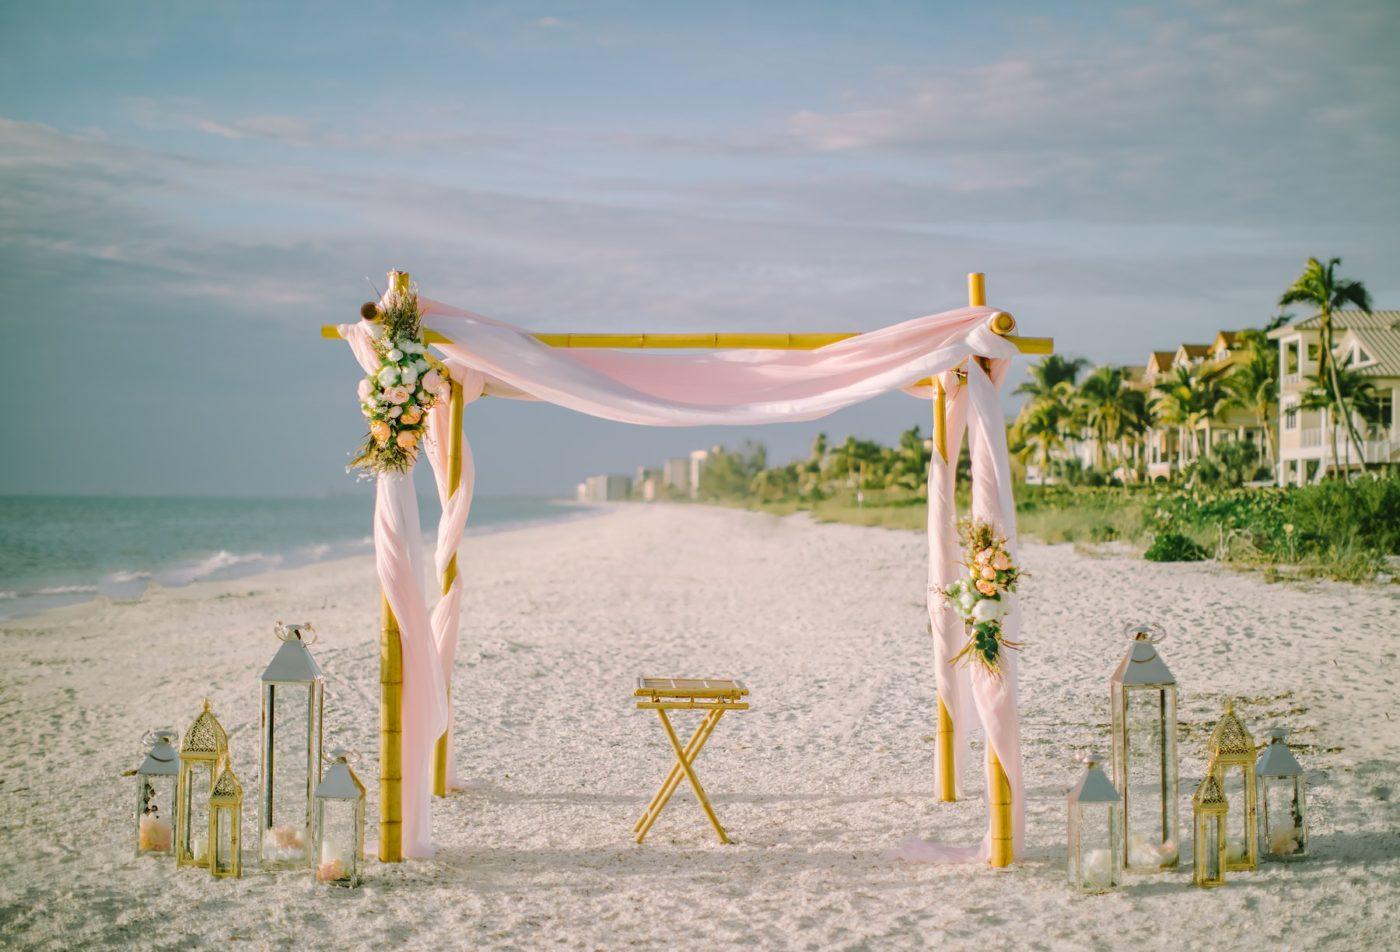 esküvői dekoráció tengerparton